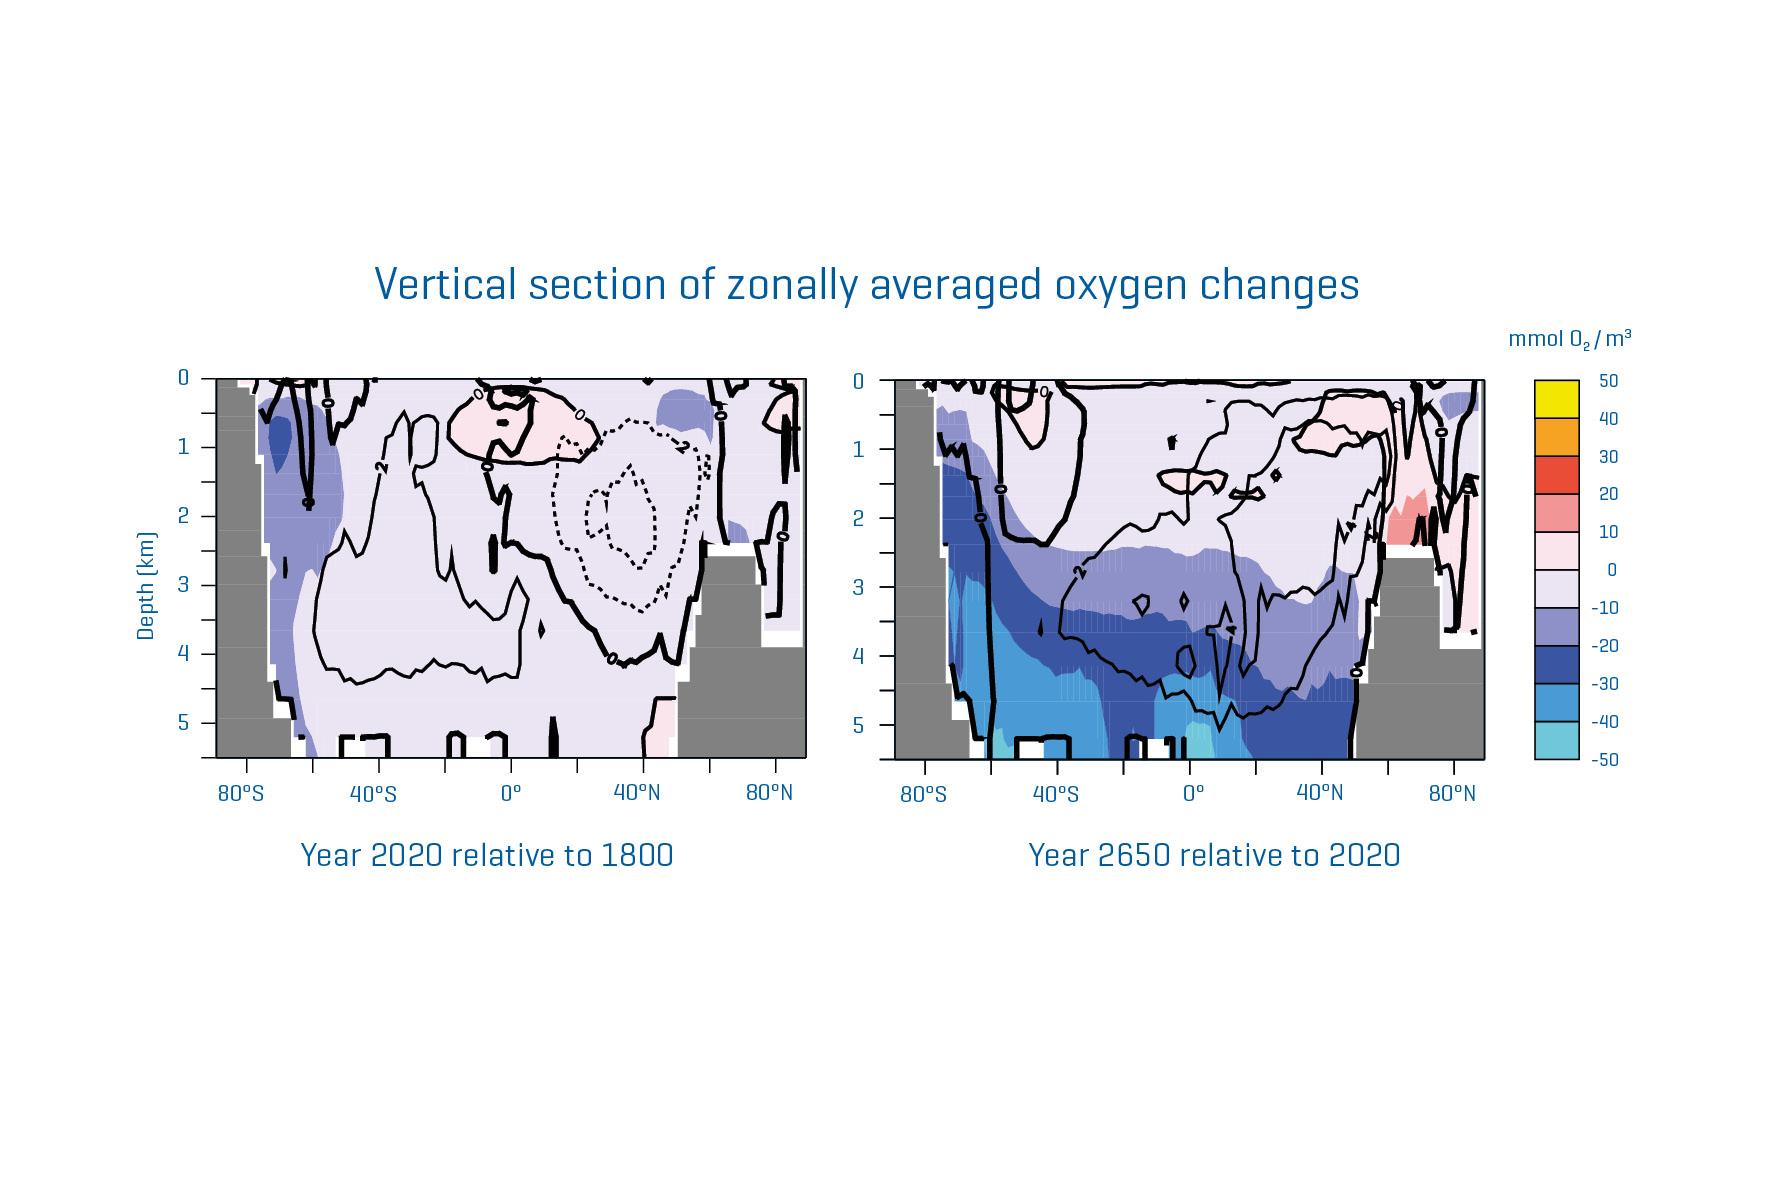 Seção vertical das mudanças de oxigênio em média zonal na simulação com emissões históricas de CO2 e emissões zero de 1 de janeiro de 2021 em diante. Esquerda: Ano 2020 relativo a 1800. Direita: Ano 2650 relativo a 2020. Gráficos: C. Kersten, modificado de A. Oschlies, 2021, GEOMAR.